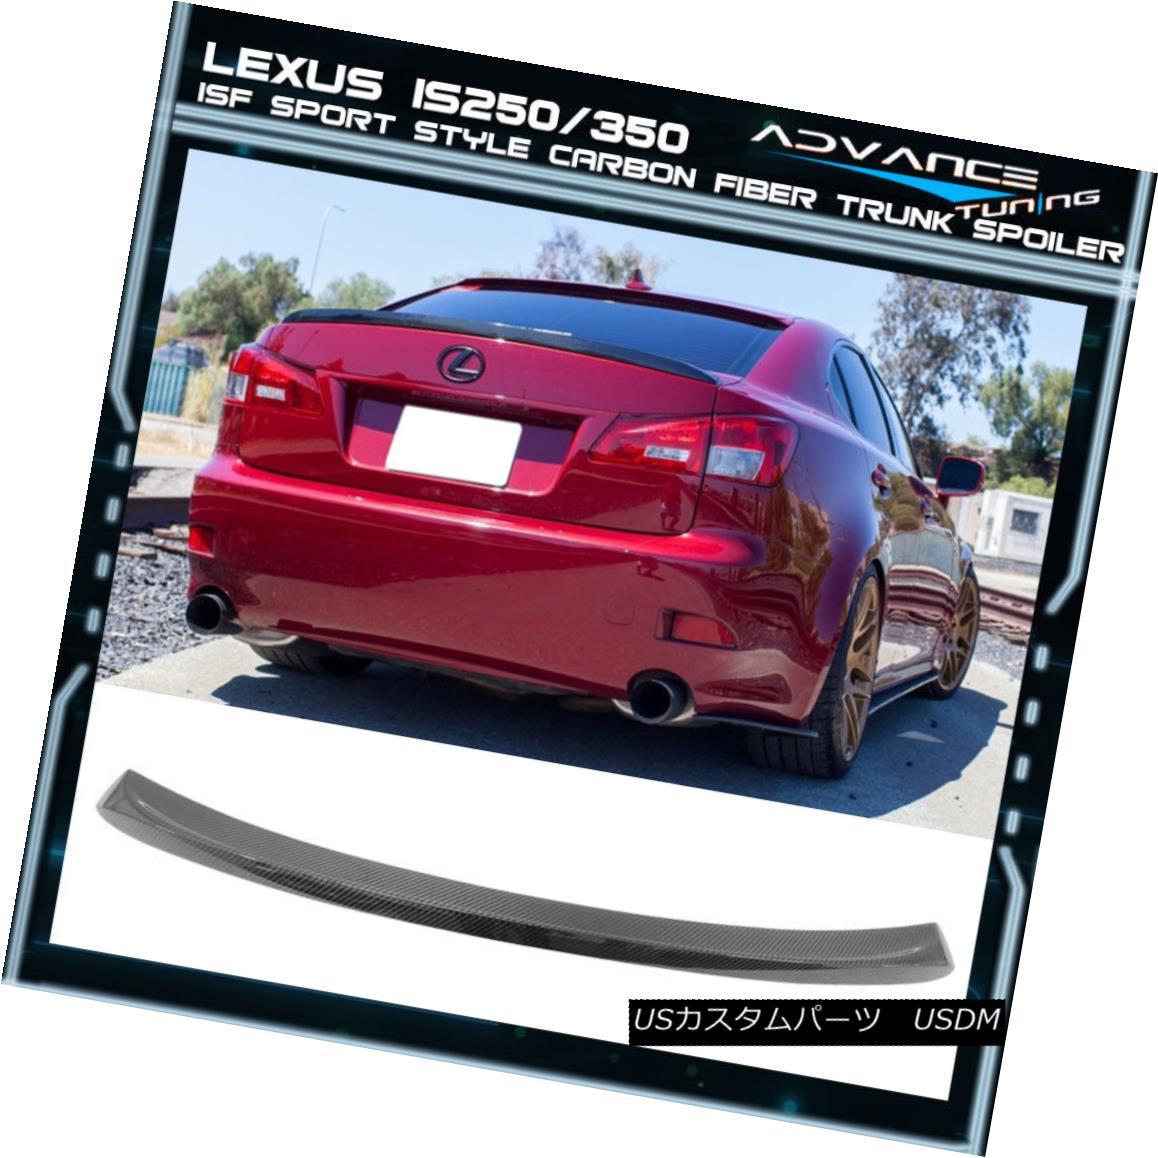 エアロパーツ Fits 06-13 Lexus Is250 350 ISF Sport Style Carbon Fiber CF Trunk Spoiler フィット06-13レクサスIs250 350 ISFスポーツスタイルカーボンファイバーCFトランクスポイラー